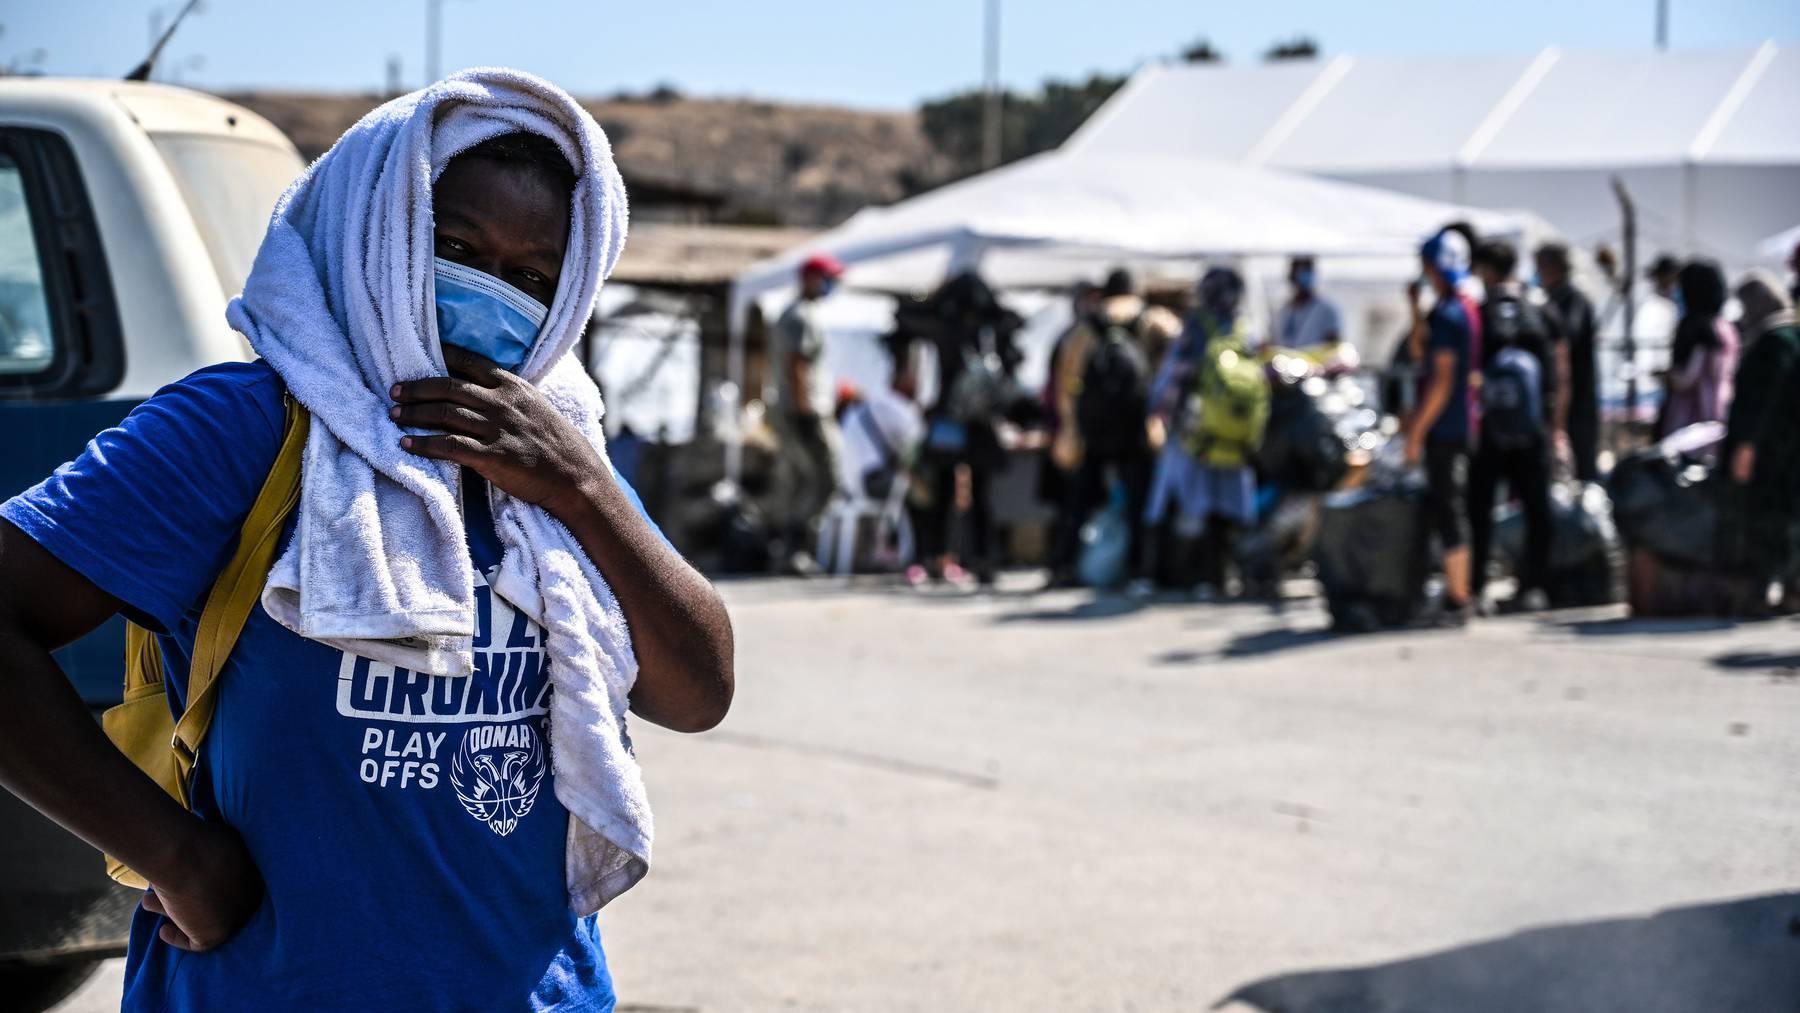 Nach den Bränden im Flüchtlingslager Moria hat sich die Situation auf Lesbos weiter zugespitzt.